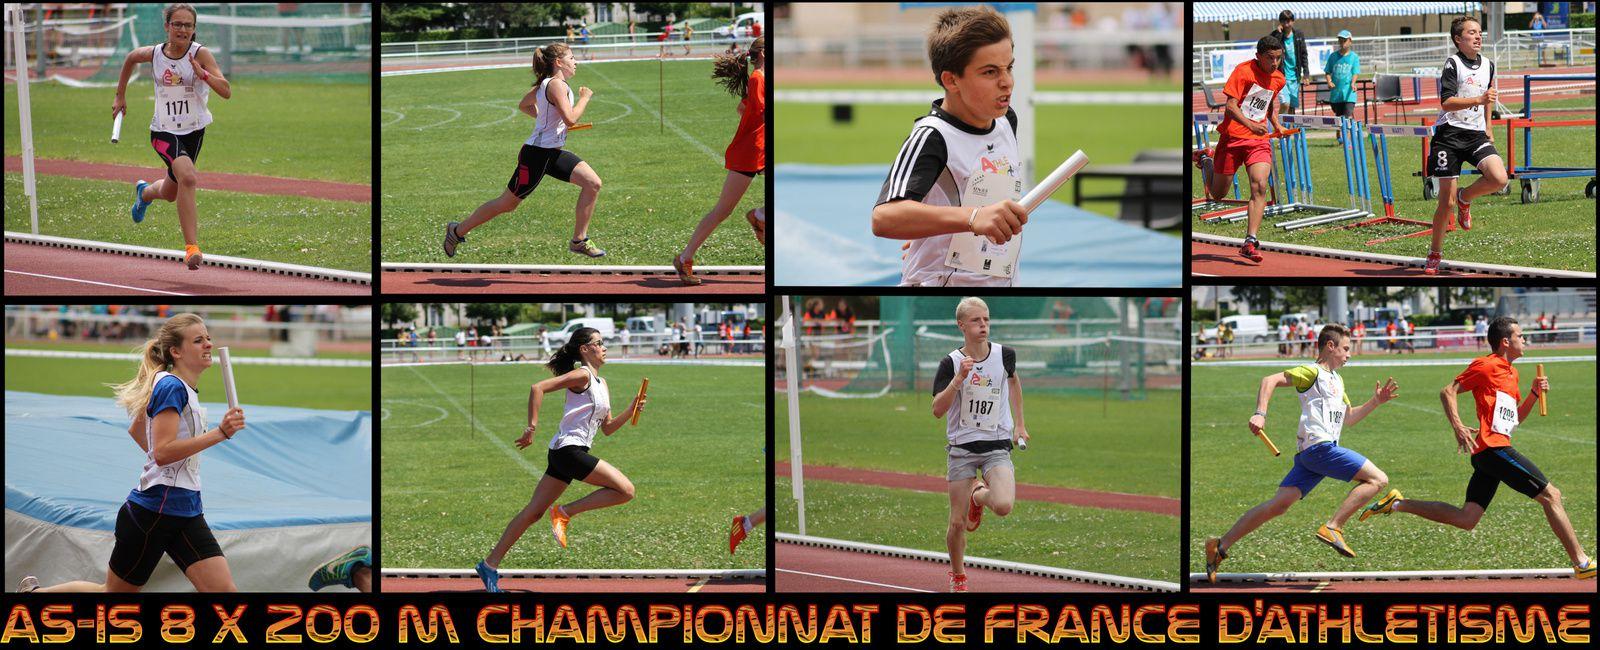 CHAMPIONNAT DE FRANCE D'ATHLETISME OUTDOOR 2013/2014